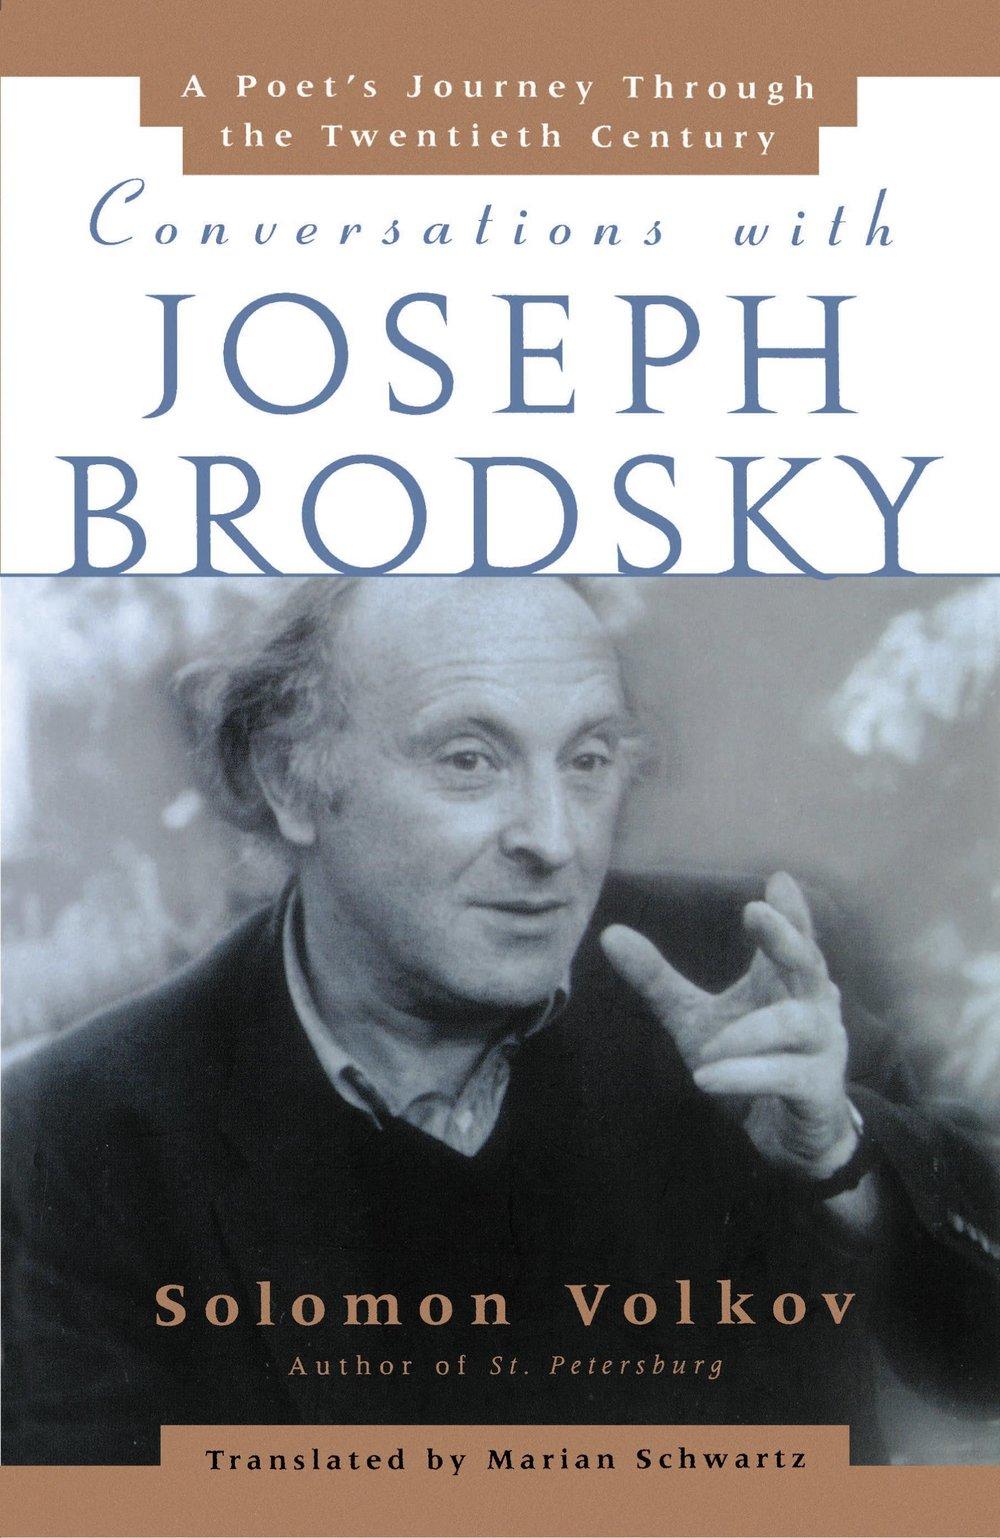 brodsky cover.jpg